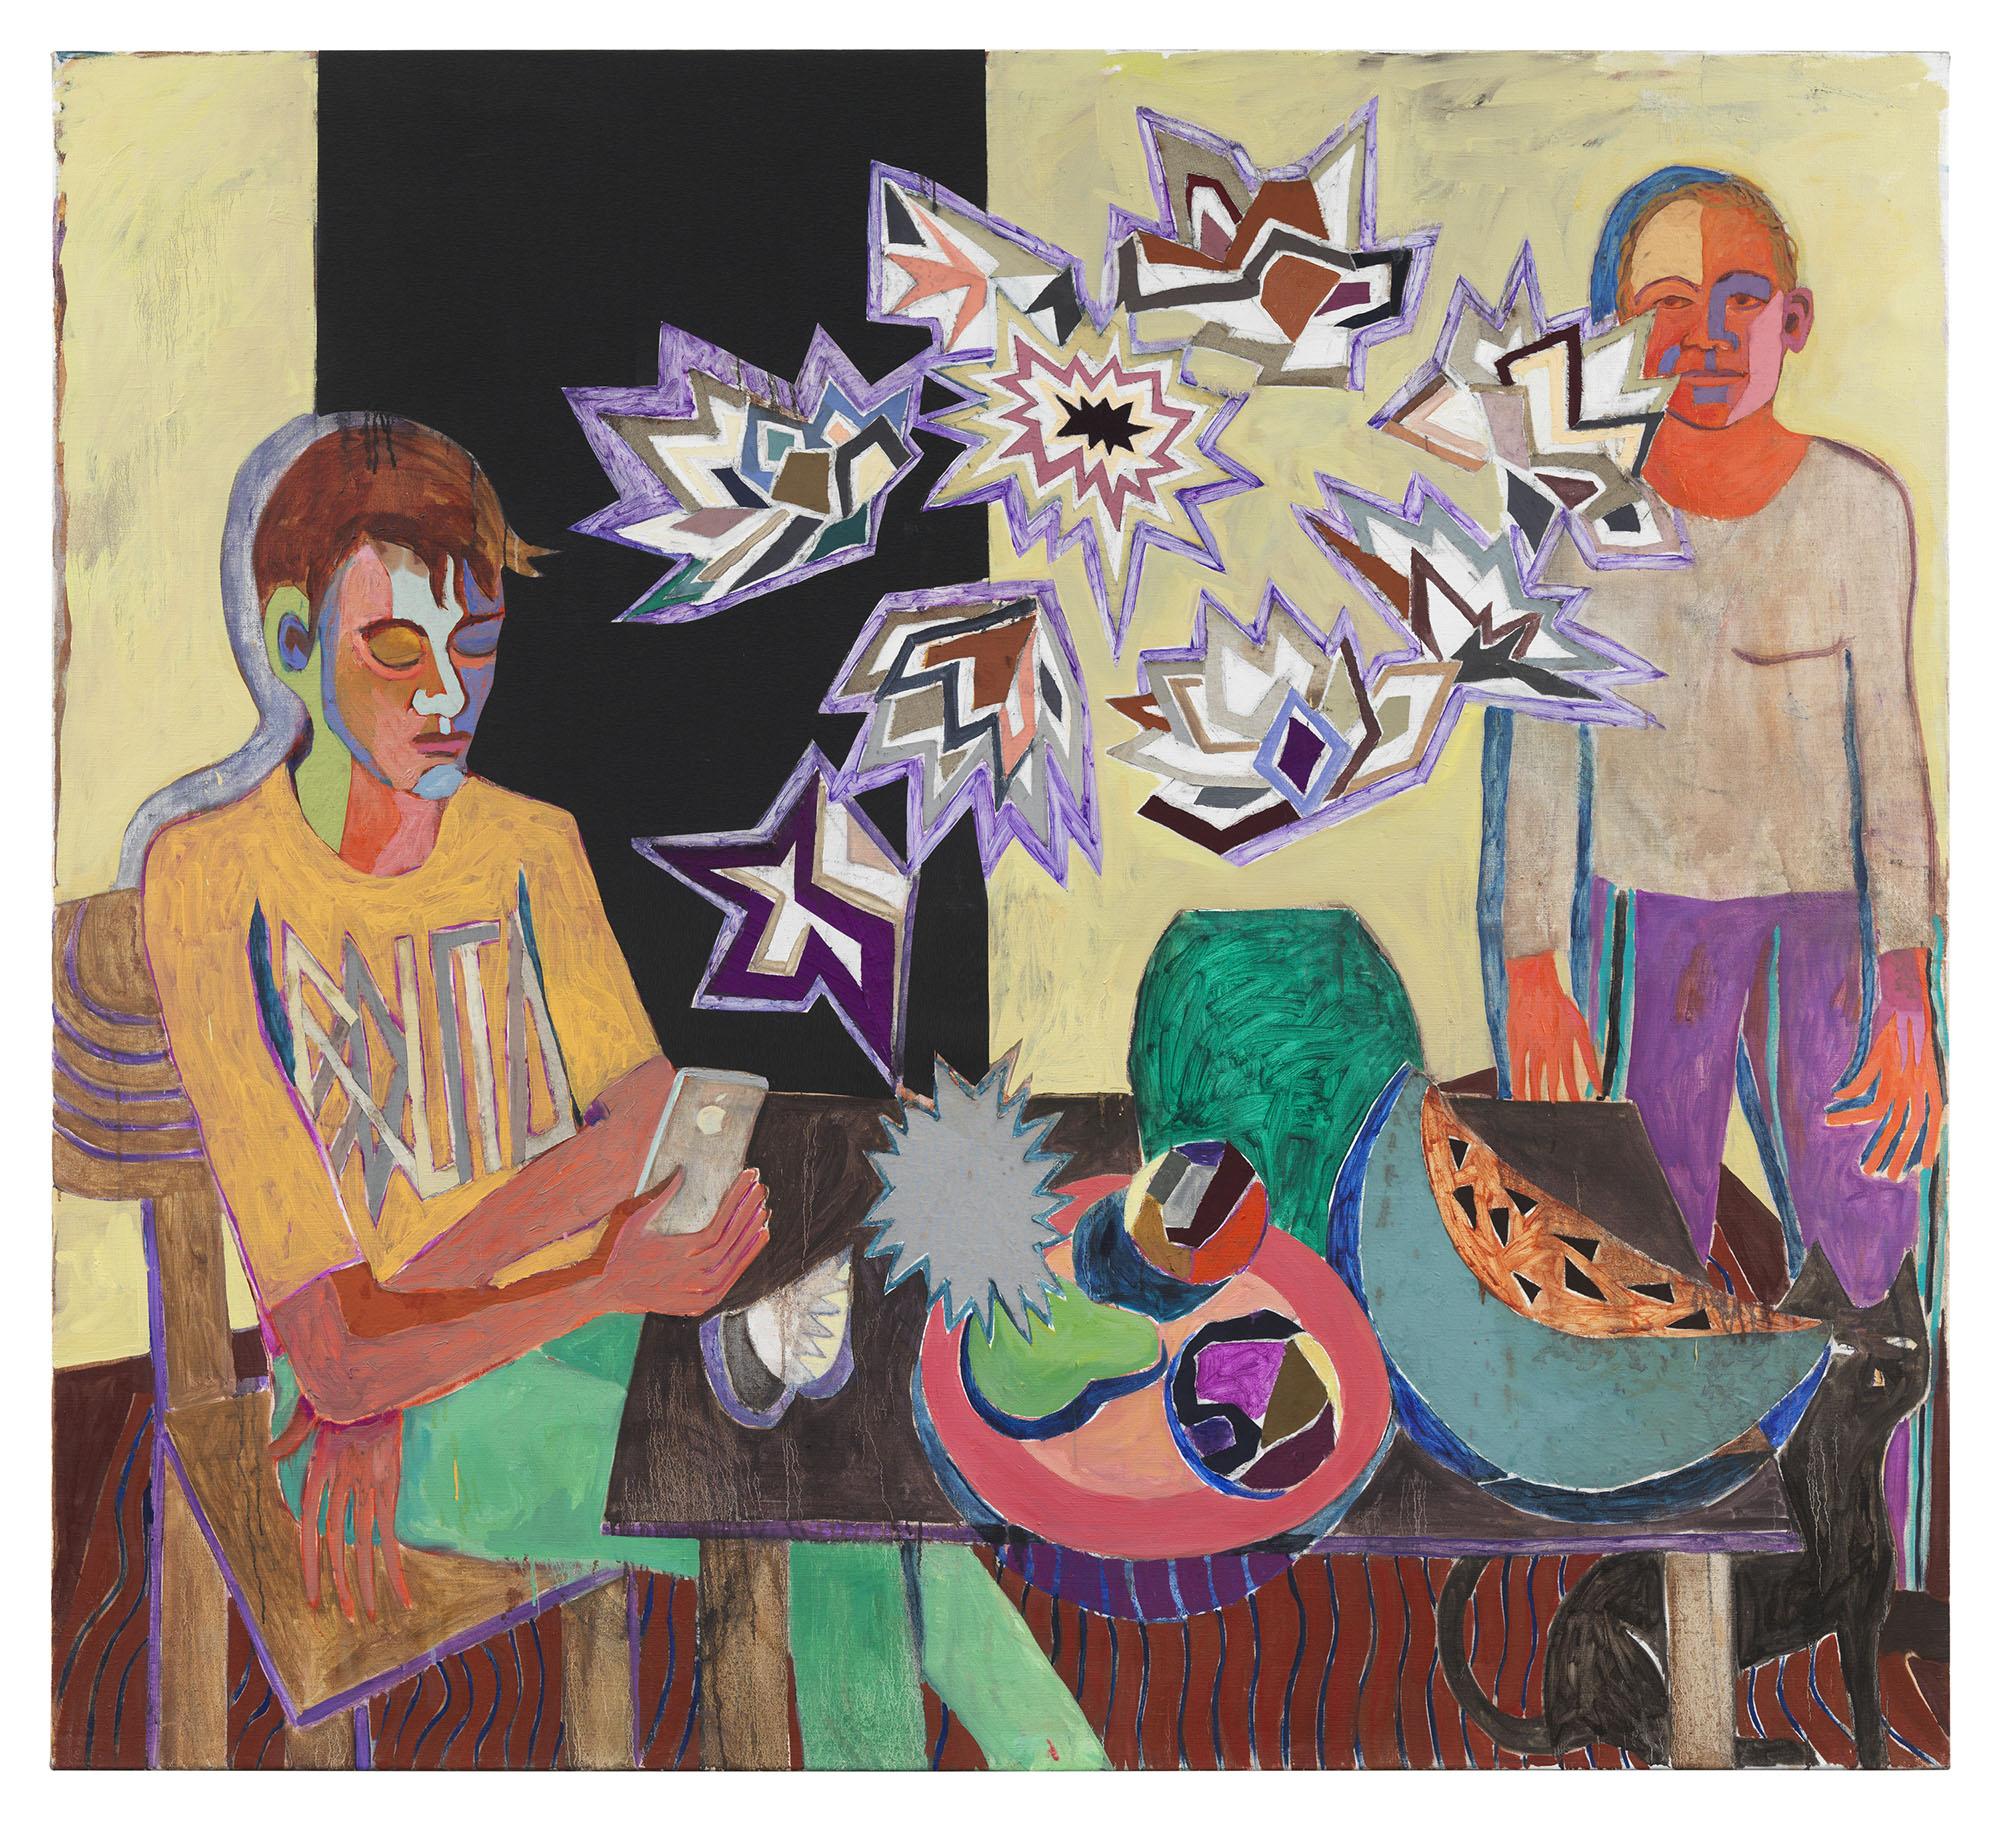 2 - Armin Boehm at Susanne Vielmetter LA